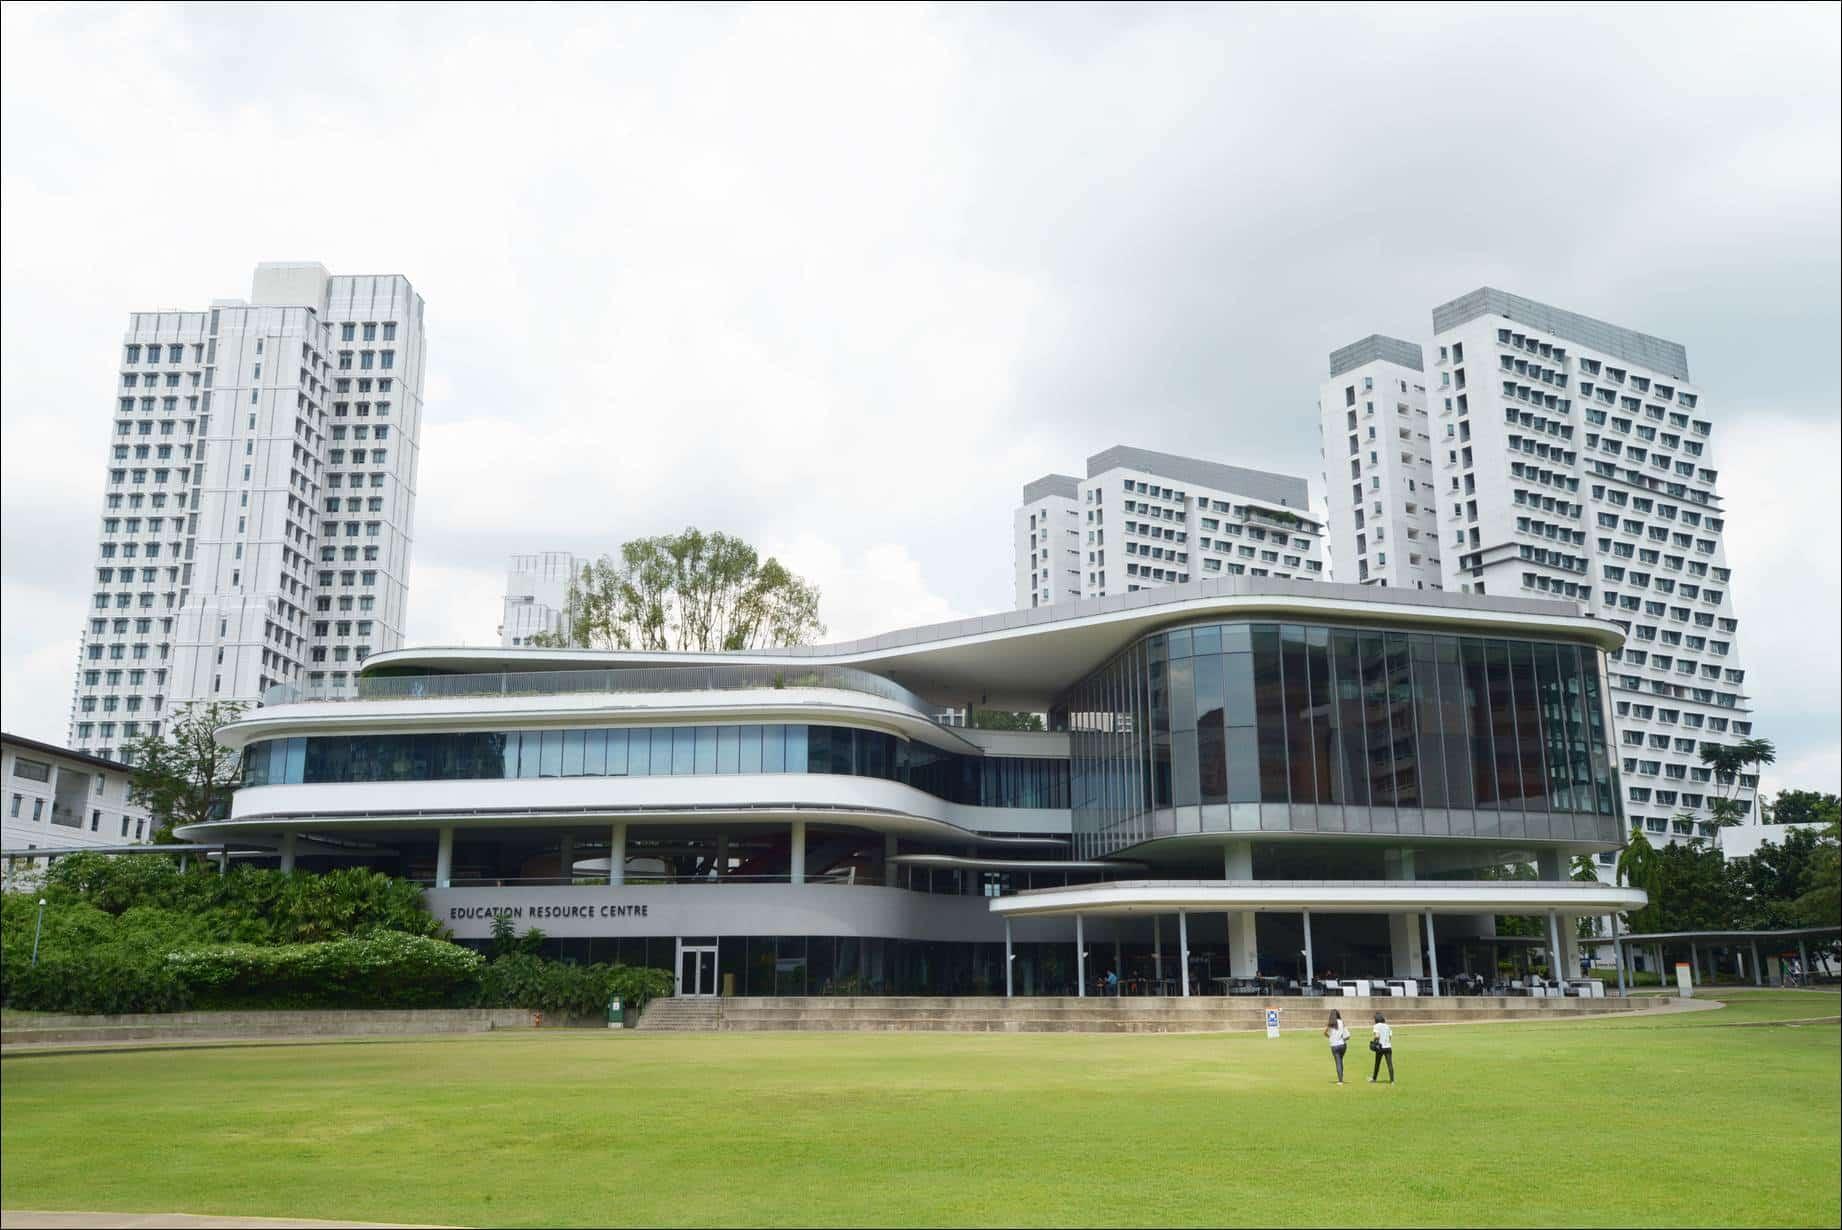 Laporan Kegiatan Kunjungan ke Universitas Singapura